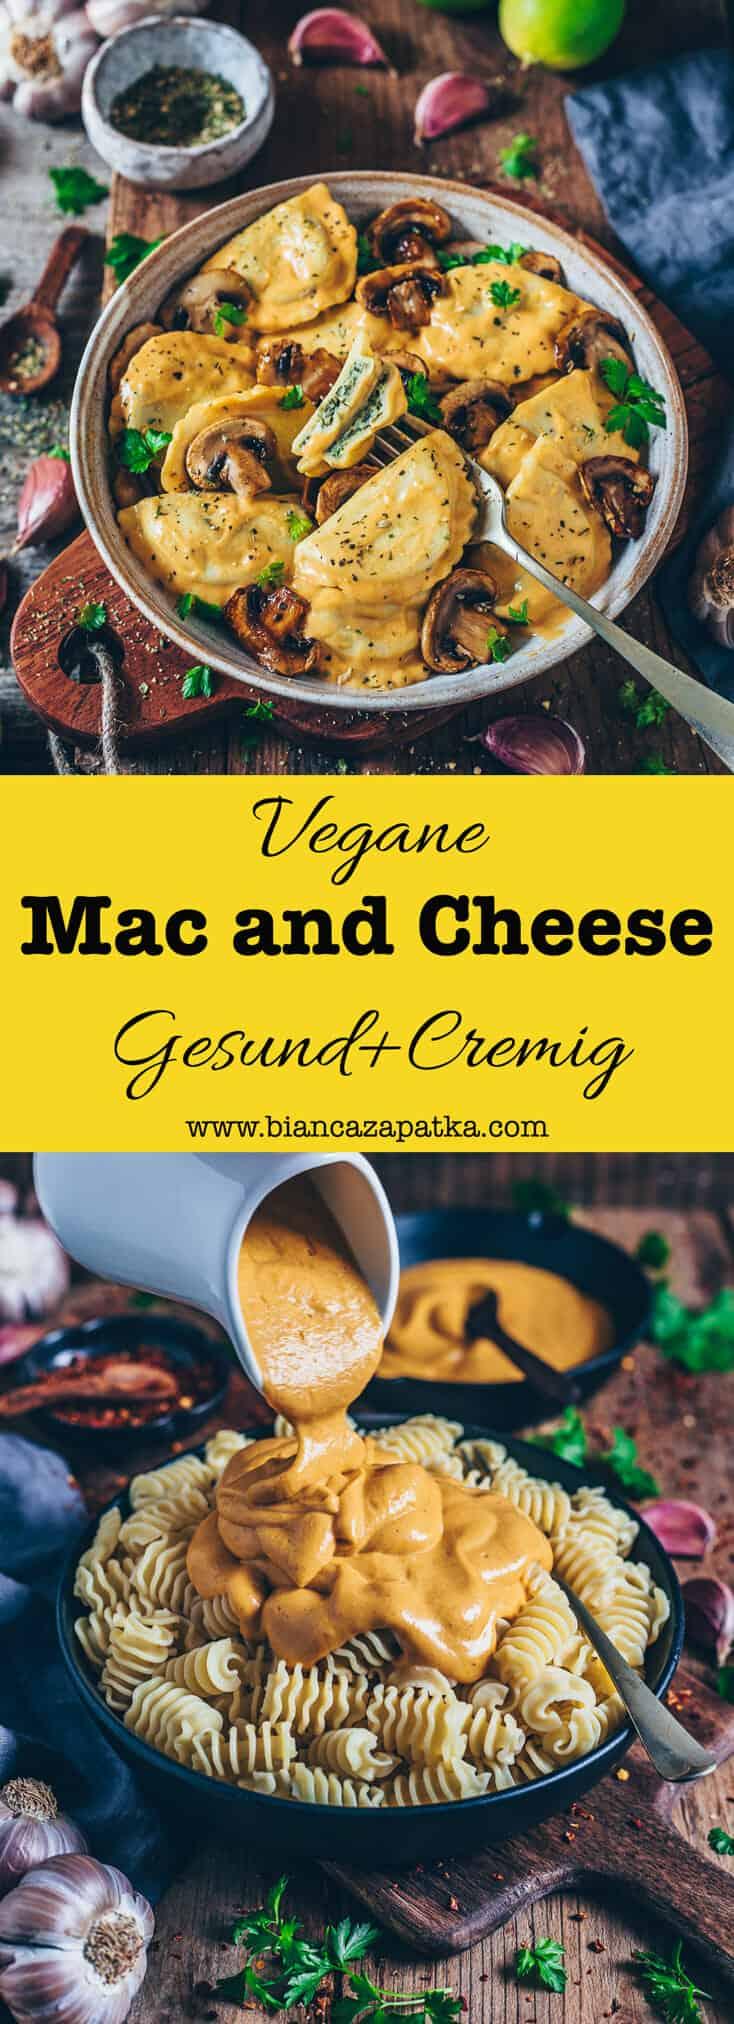 Veganes Mac and Cheese ist gesund, lecker, einfach. Nudeln mit einer cremigen veganen Käsesoße auf Kartoffelbasis. Auch zum überbacken geeignet.